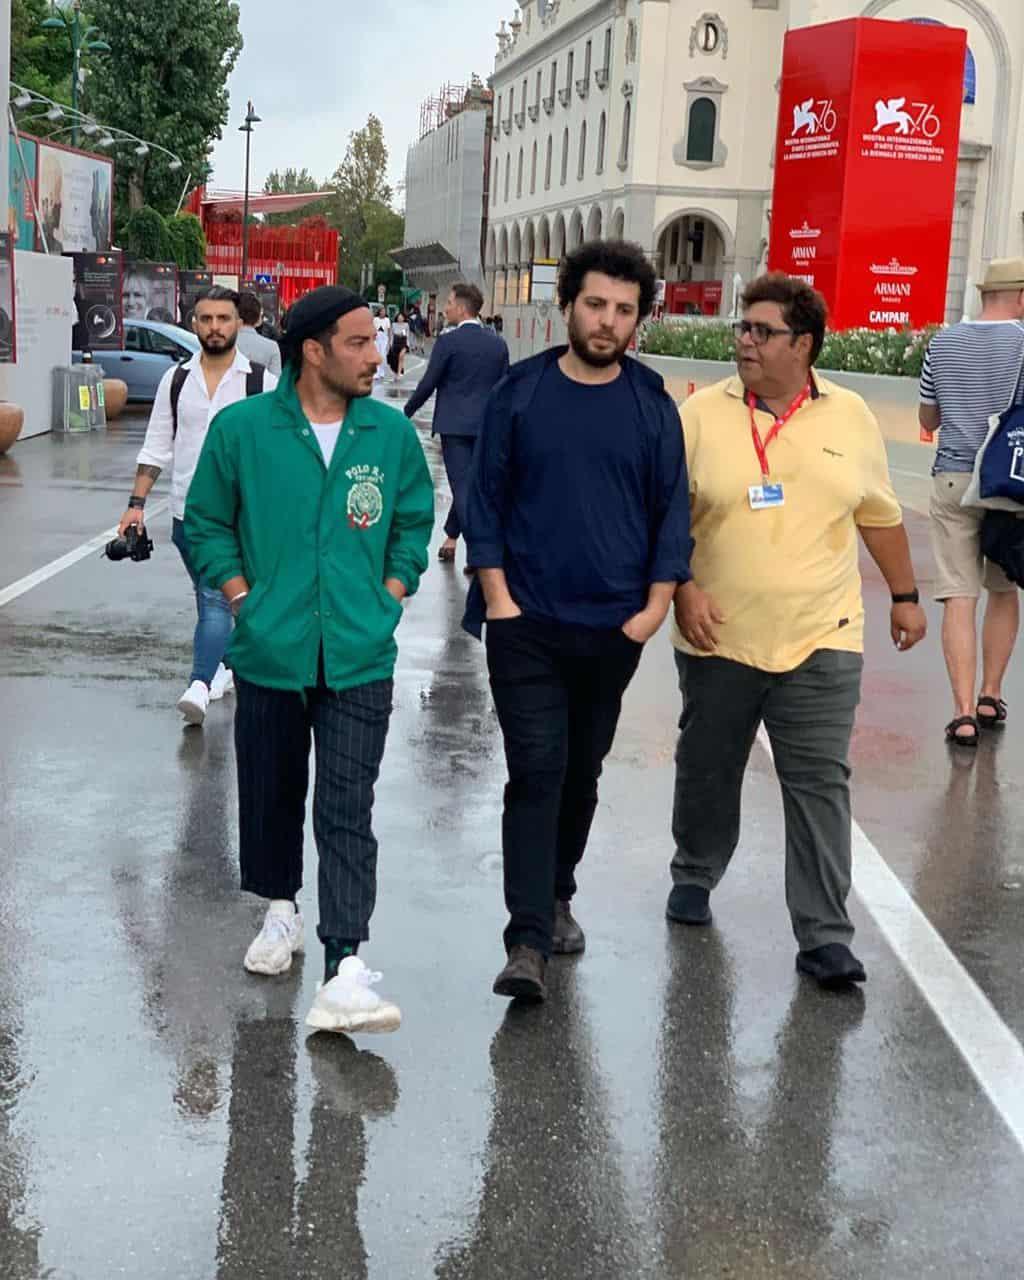 سعید روستایی، فرهاد اصلانی و نوید محمدزاده در خیابانهای ونیز